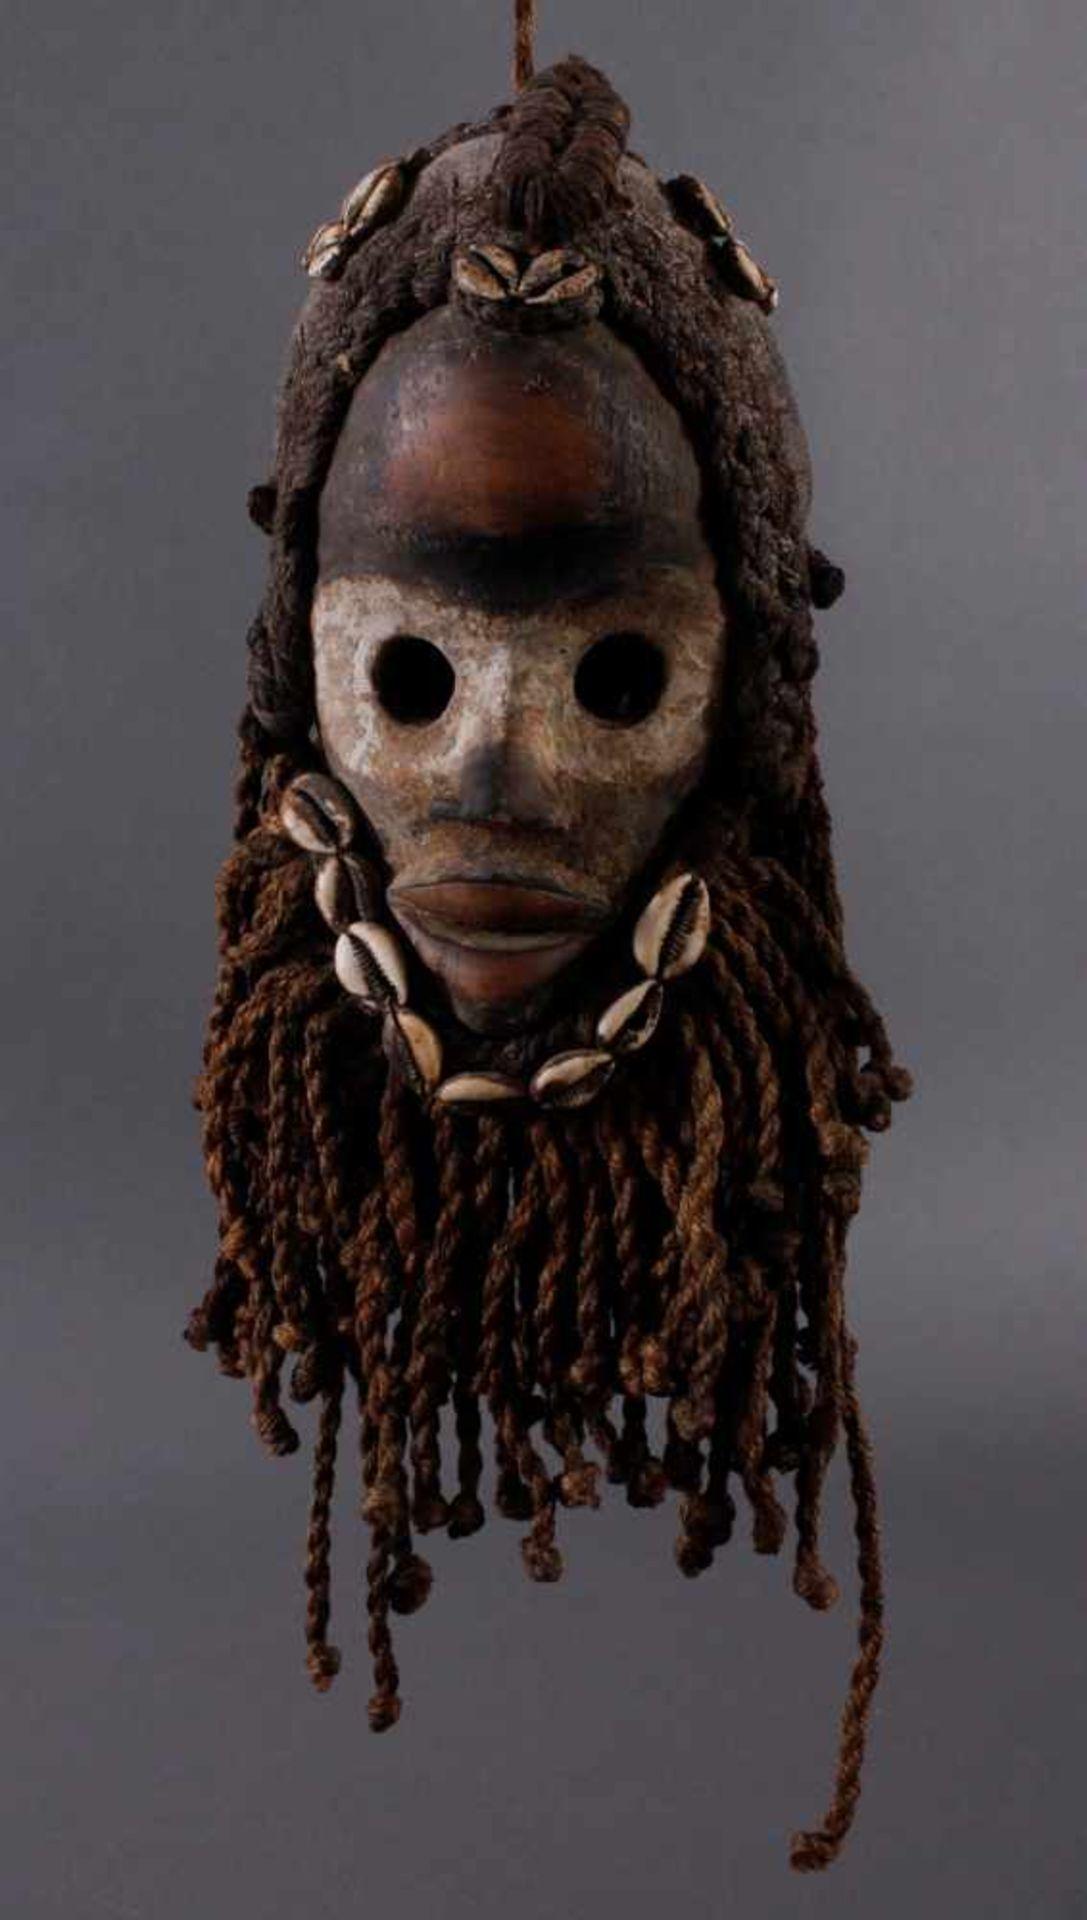 Antike Maske, Dan, Liberia 1. Hälfte 20. Jh.Holz geschnitzt, bemalt, geflochtene Frisur und Bart mit